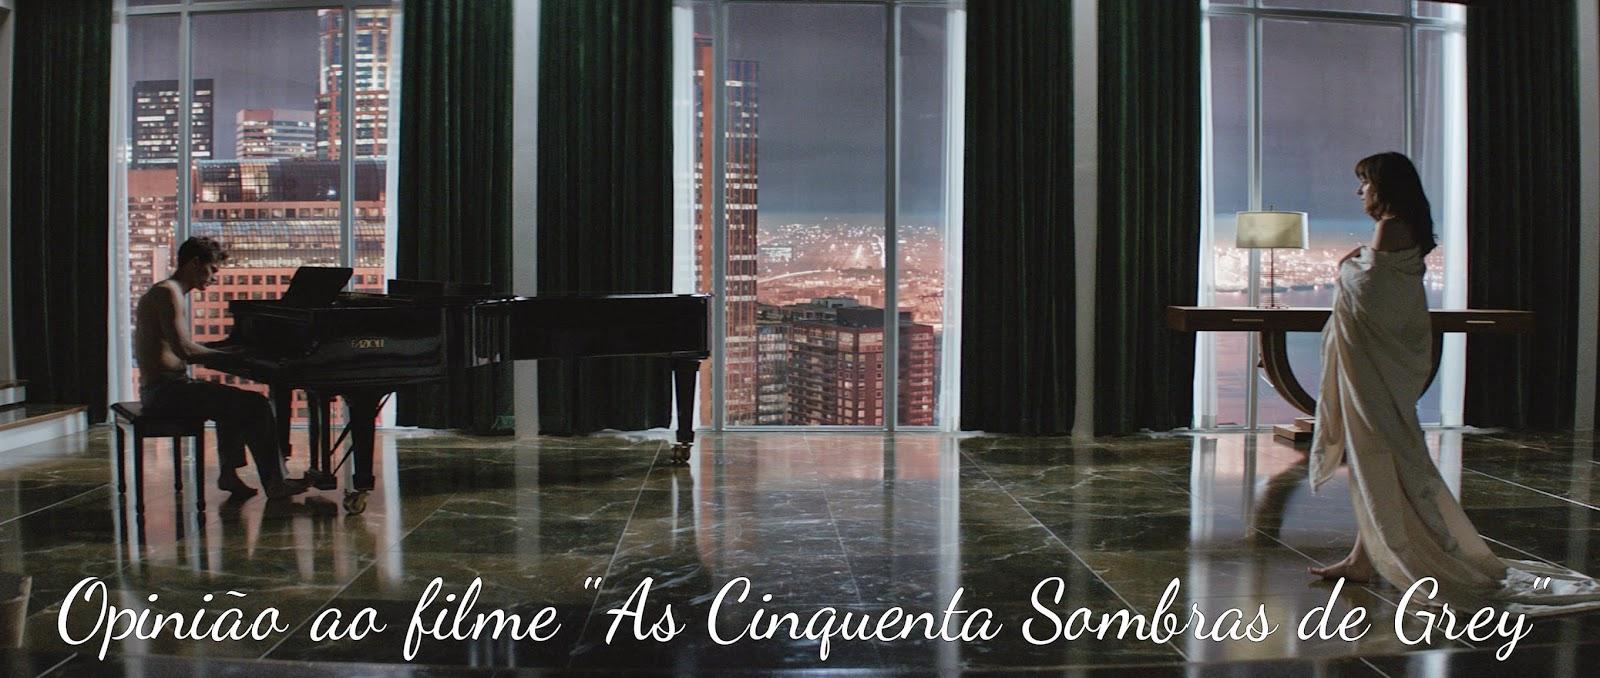 http://efeitodoslivros.blogspot.pt/2015/02/as-cinquenta-sombras-de-grey-opiniao.html